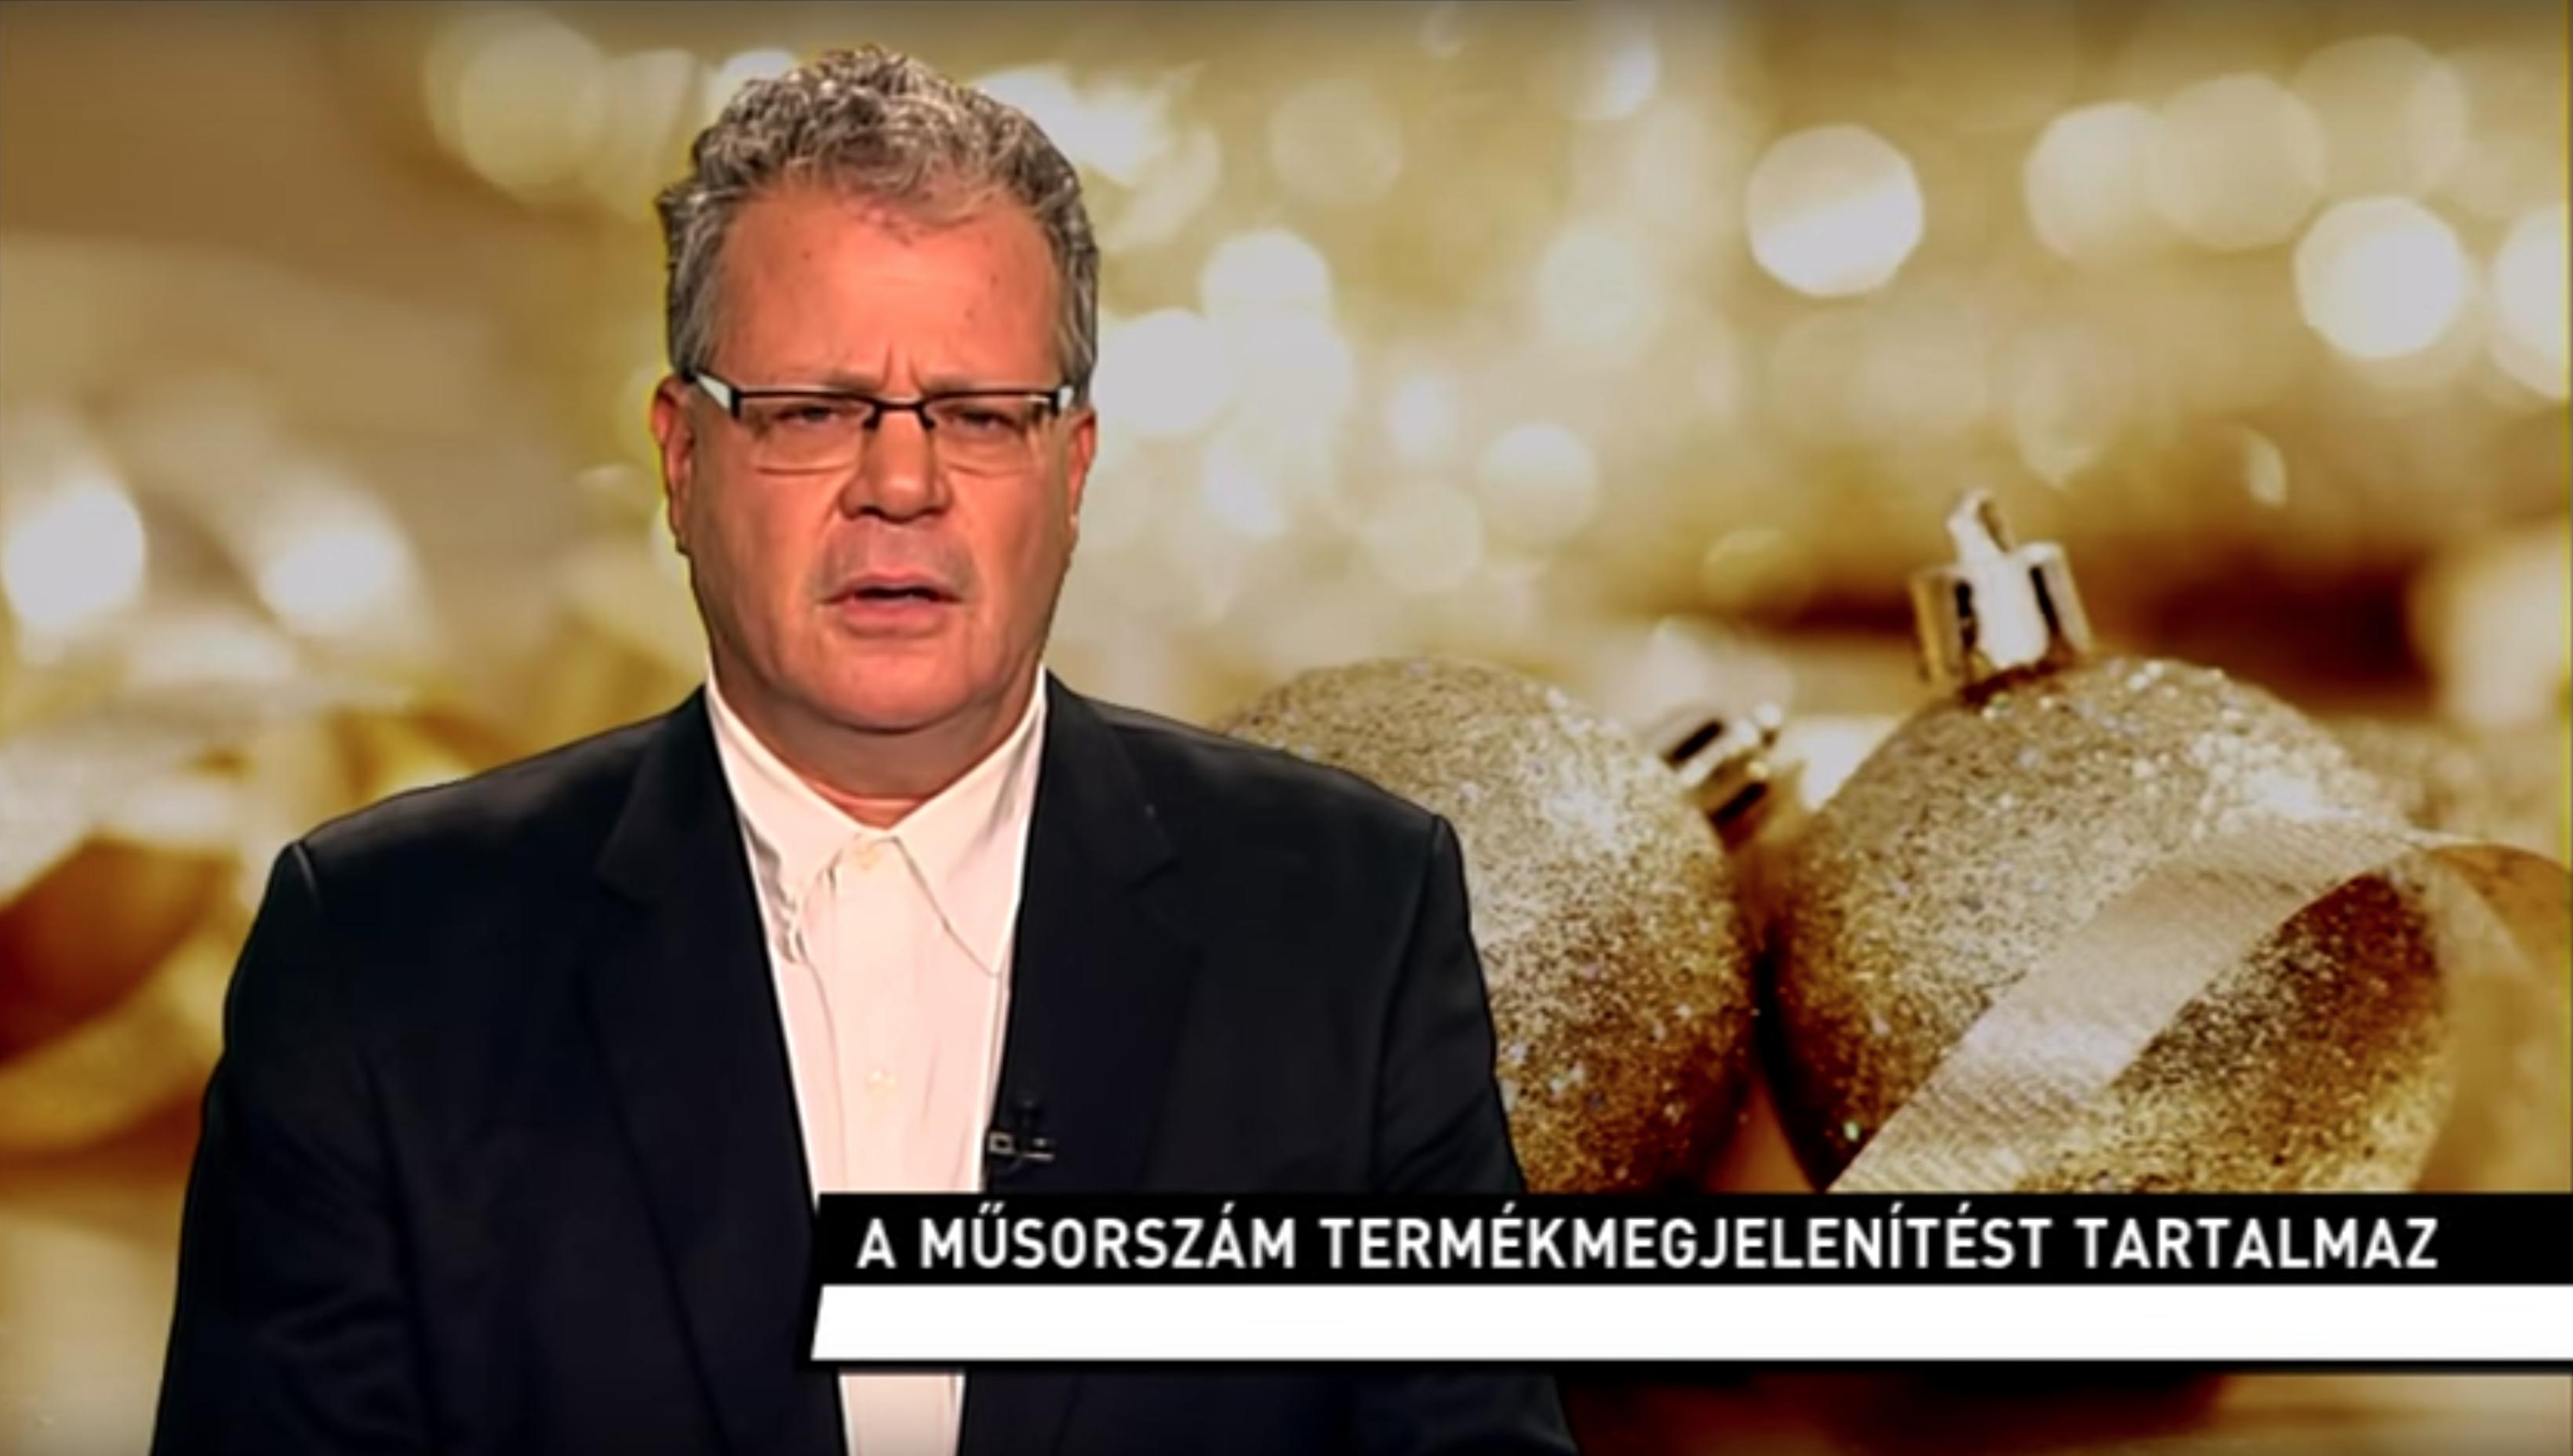 Fiala János élő adásban követelte, hogy Karácsony Gergely rendezze felé a tartozását